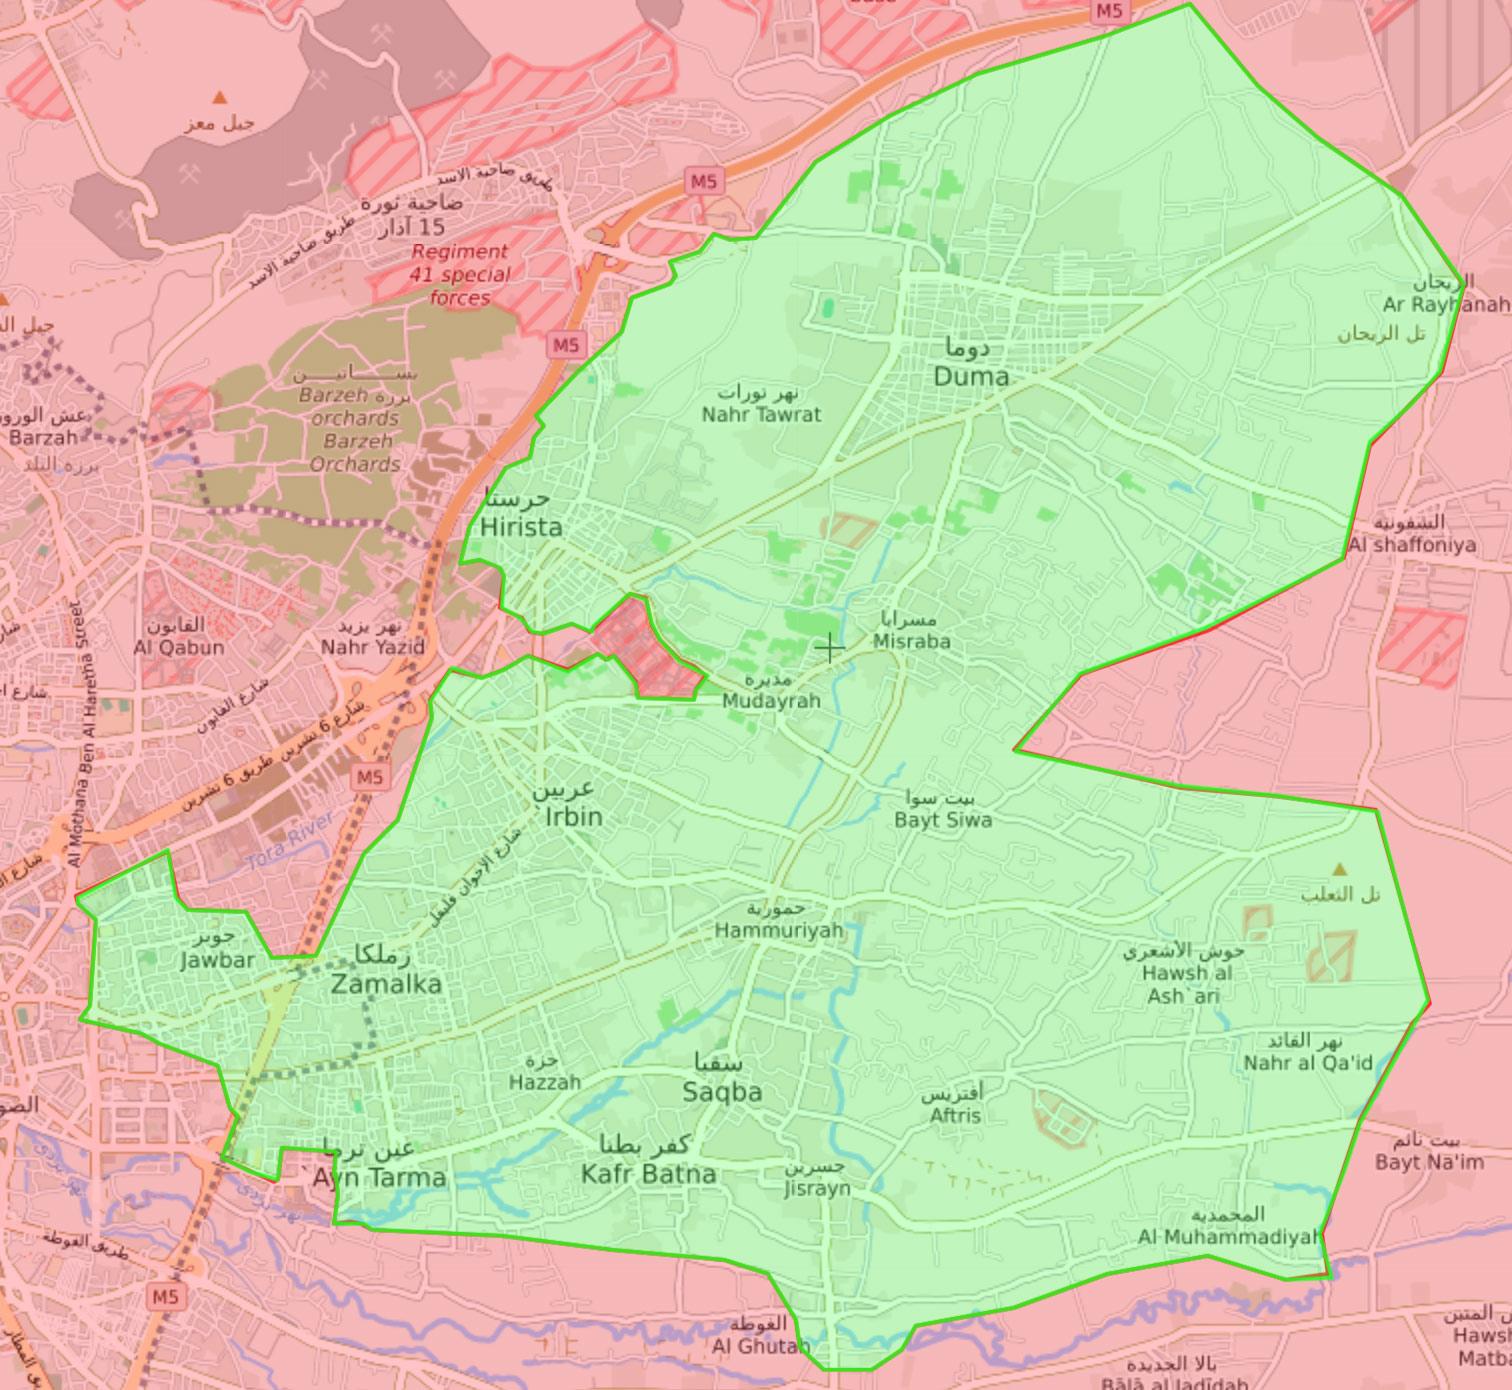 خريطة تظهر توزع السيطرة في الغوطة الشرقية - 5 آذار 2018 (livemap)